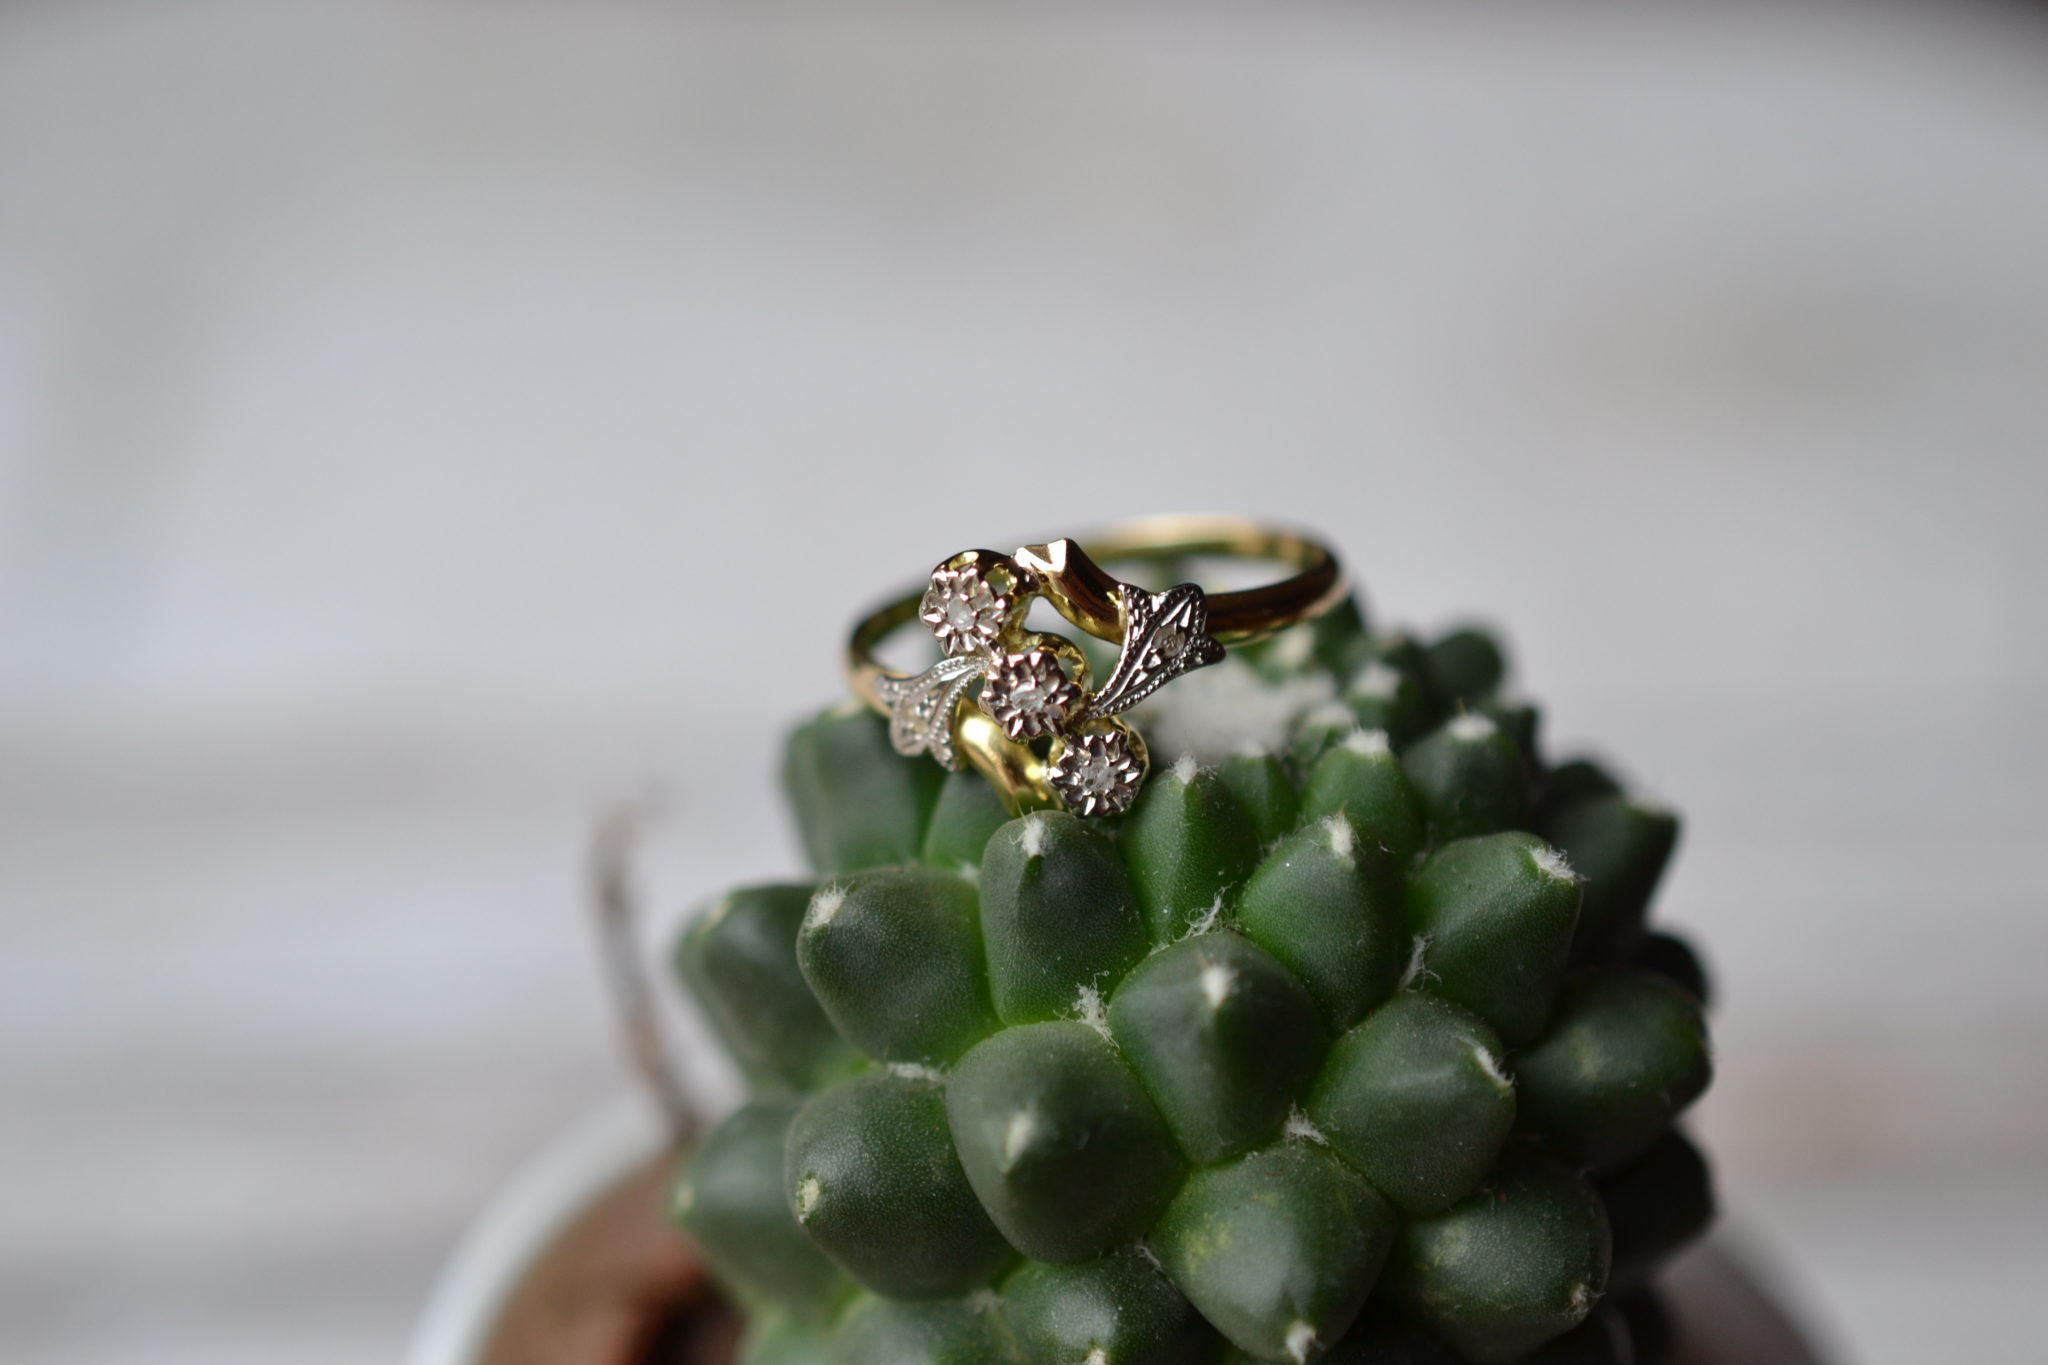 Bague Art Nouveau Fleurettes En Or Jaune Et Or Blanc, Ornée De 5 Diamants Dont 3 Centraux - Bague Ancienne